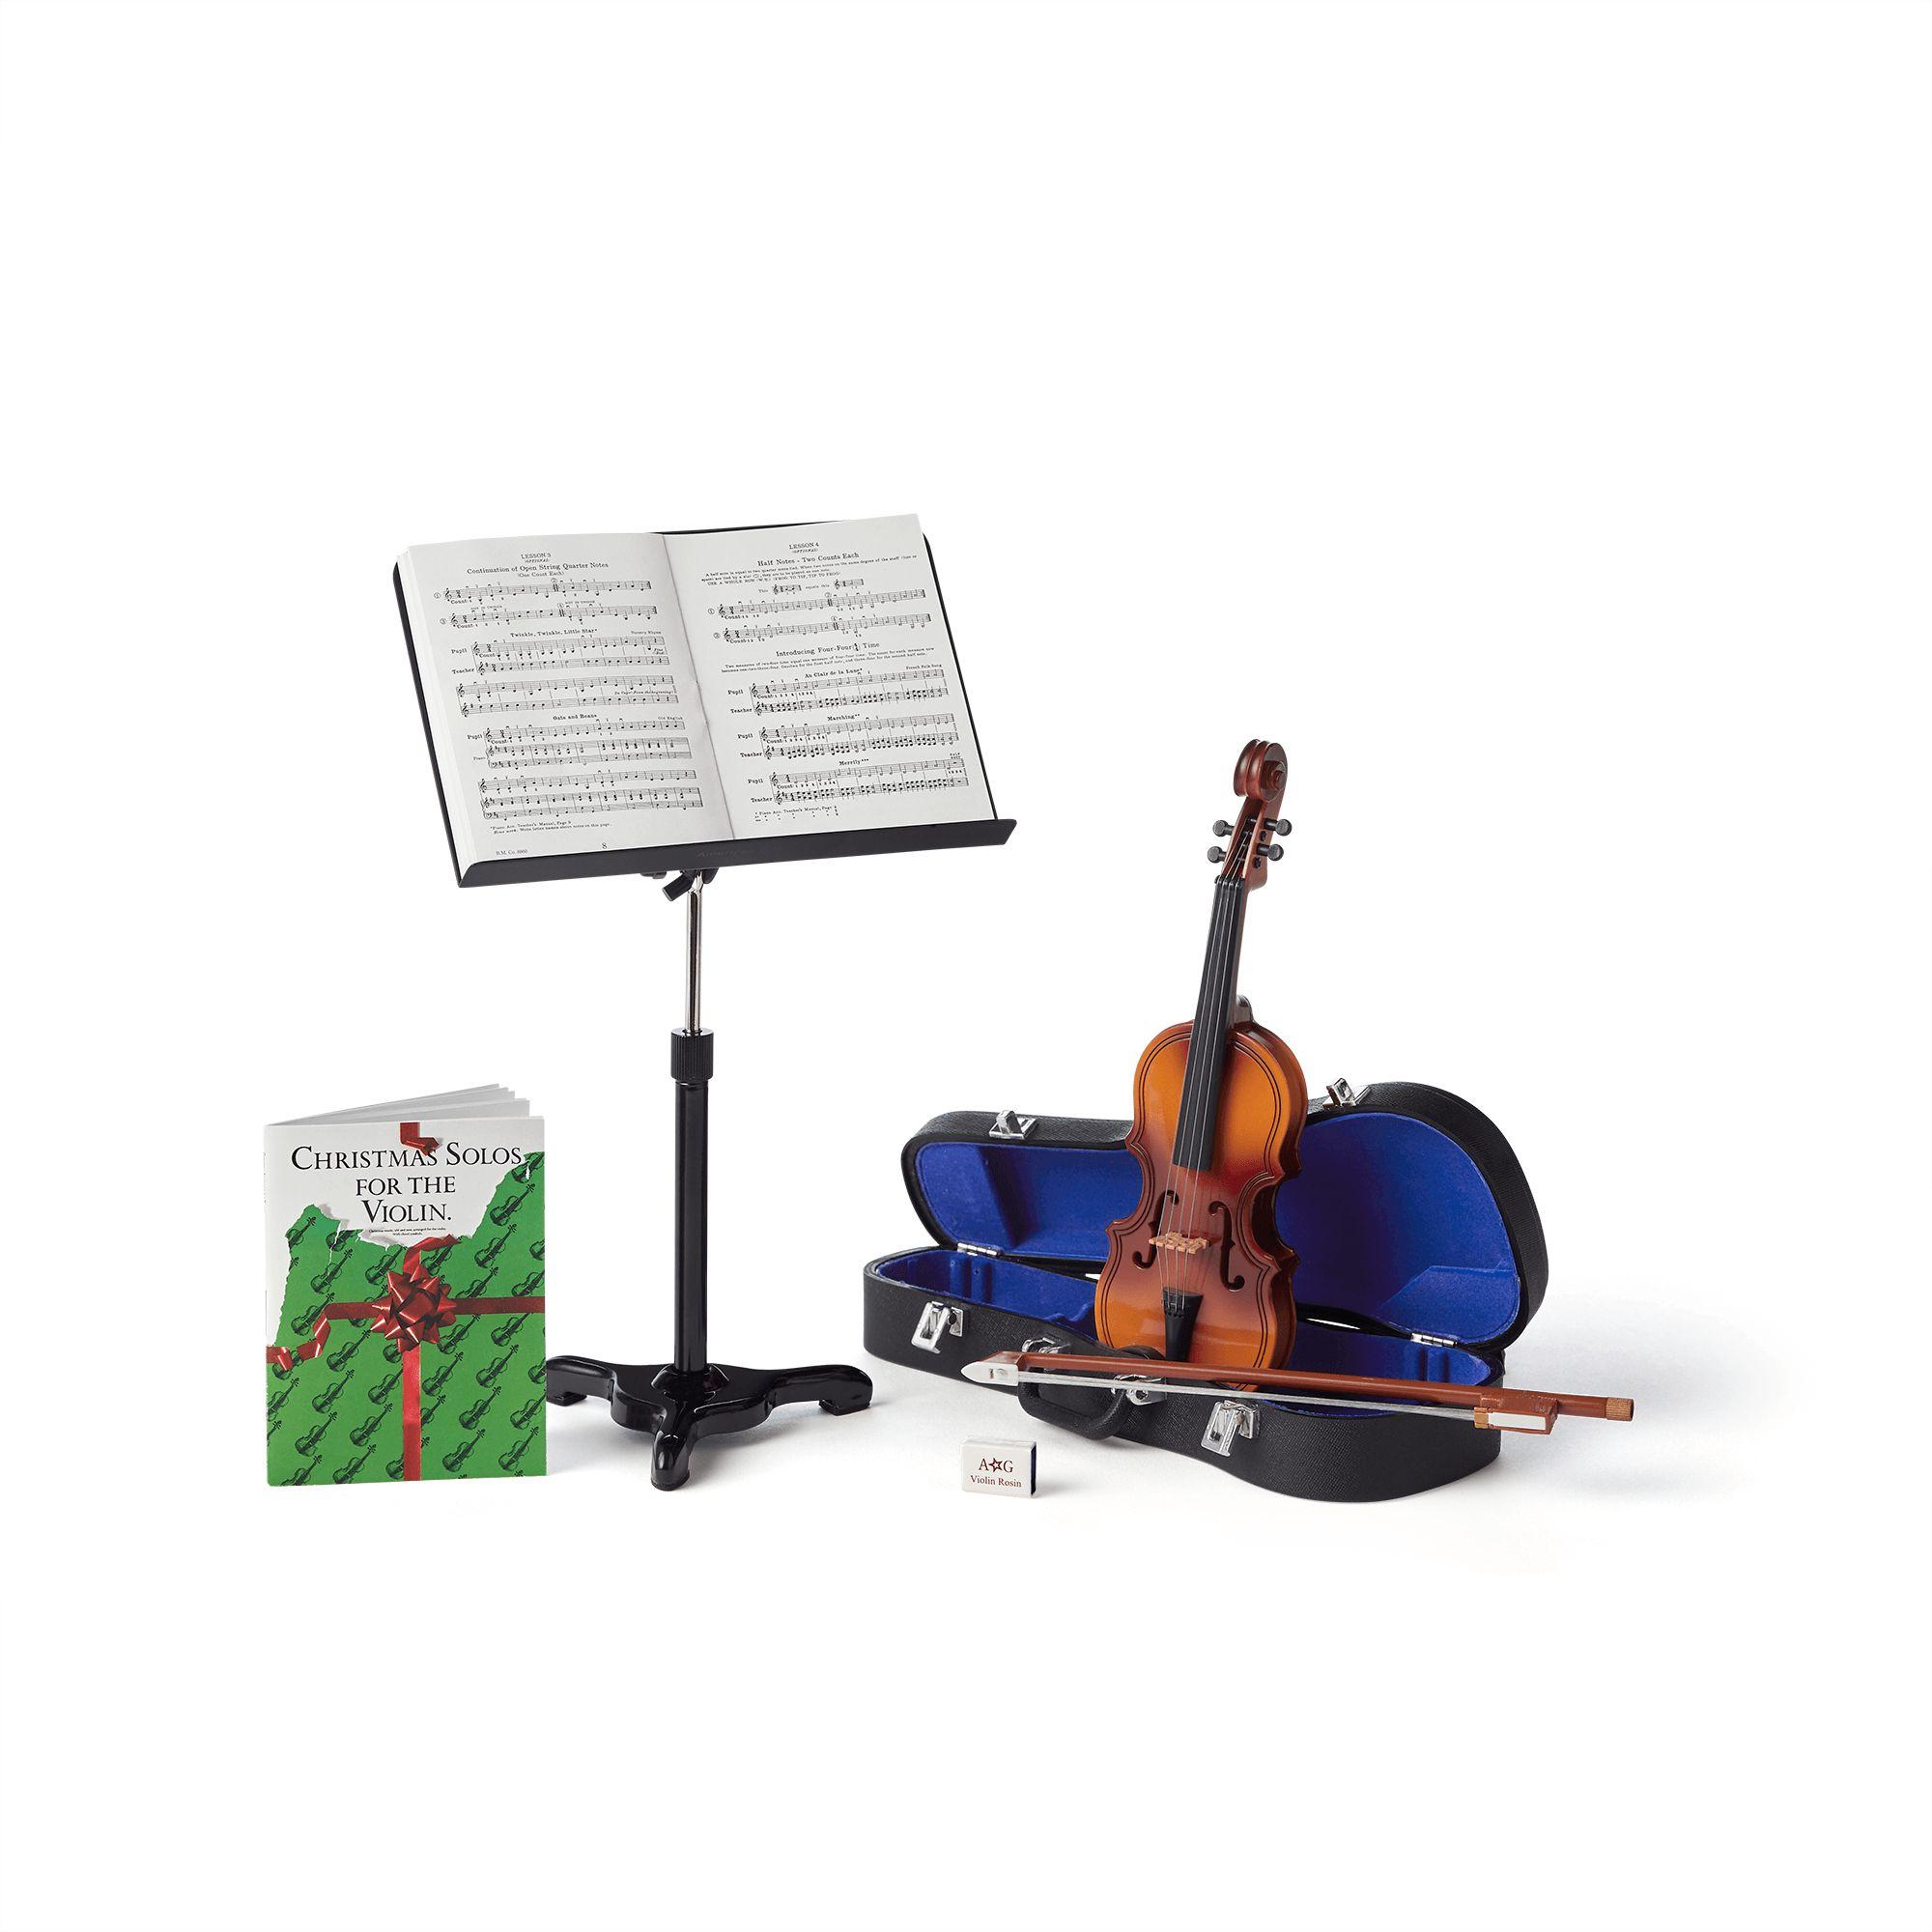 File:ViolinSet.jpg